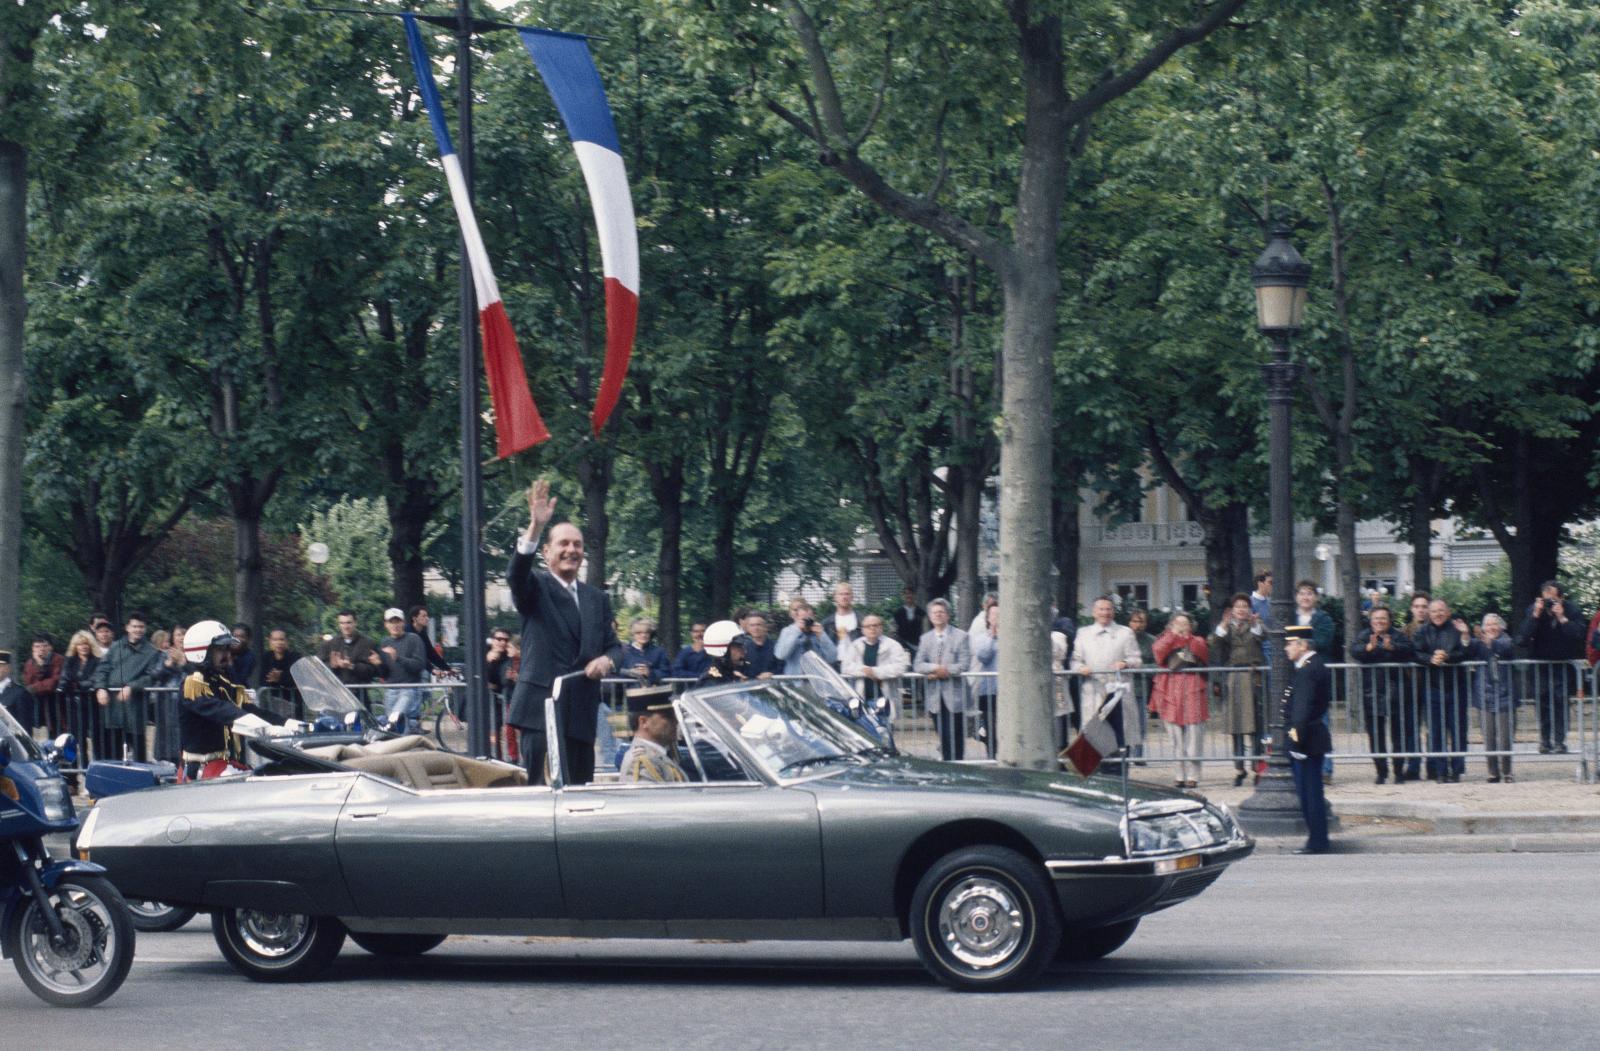 Jacques Chirac à bord de la SM Présidentielle - 1995